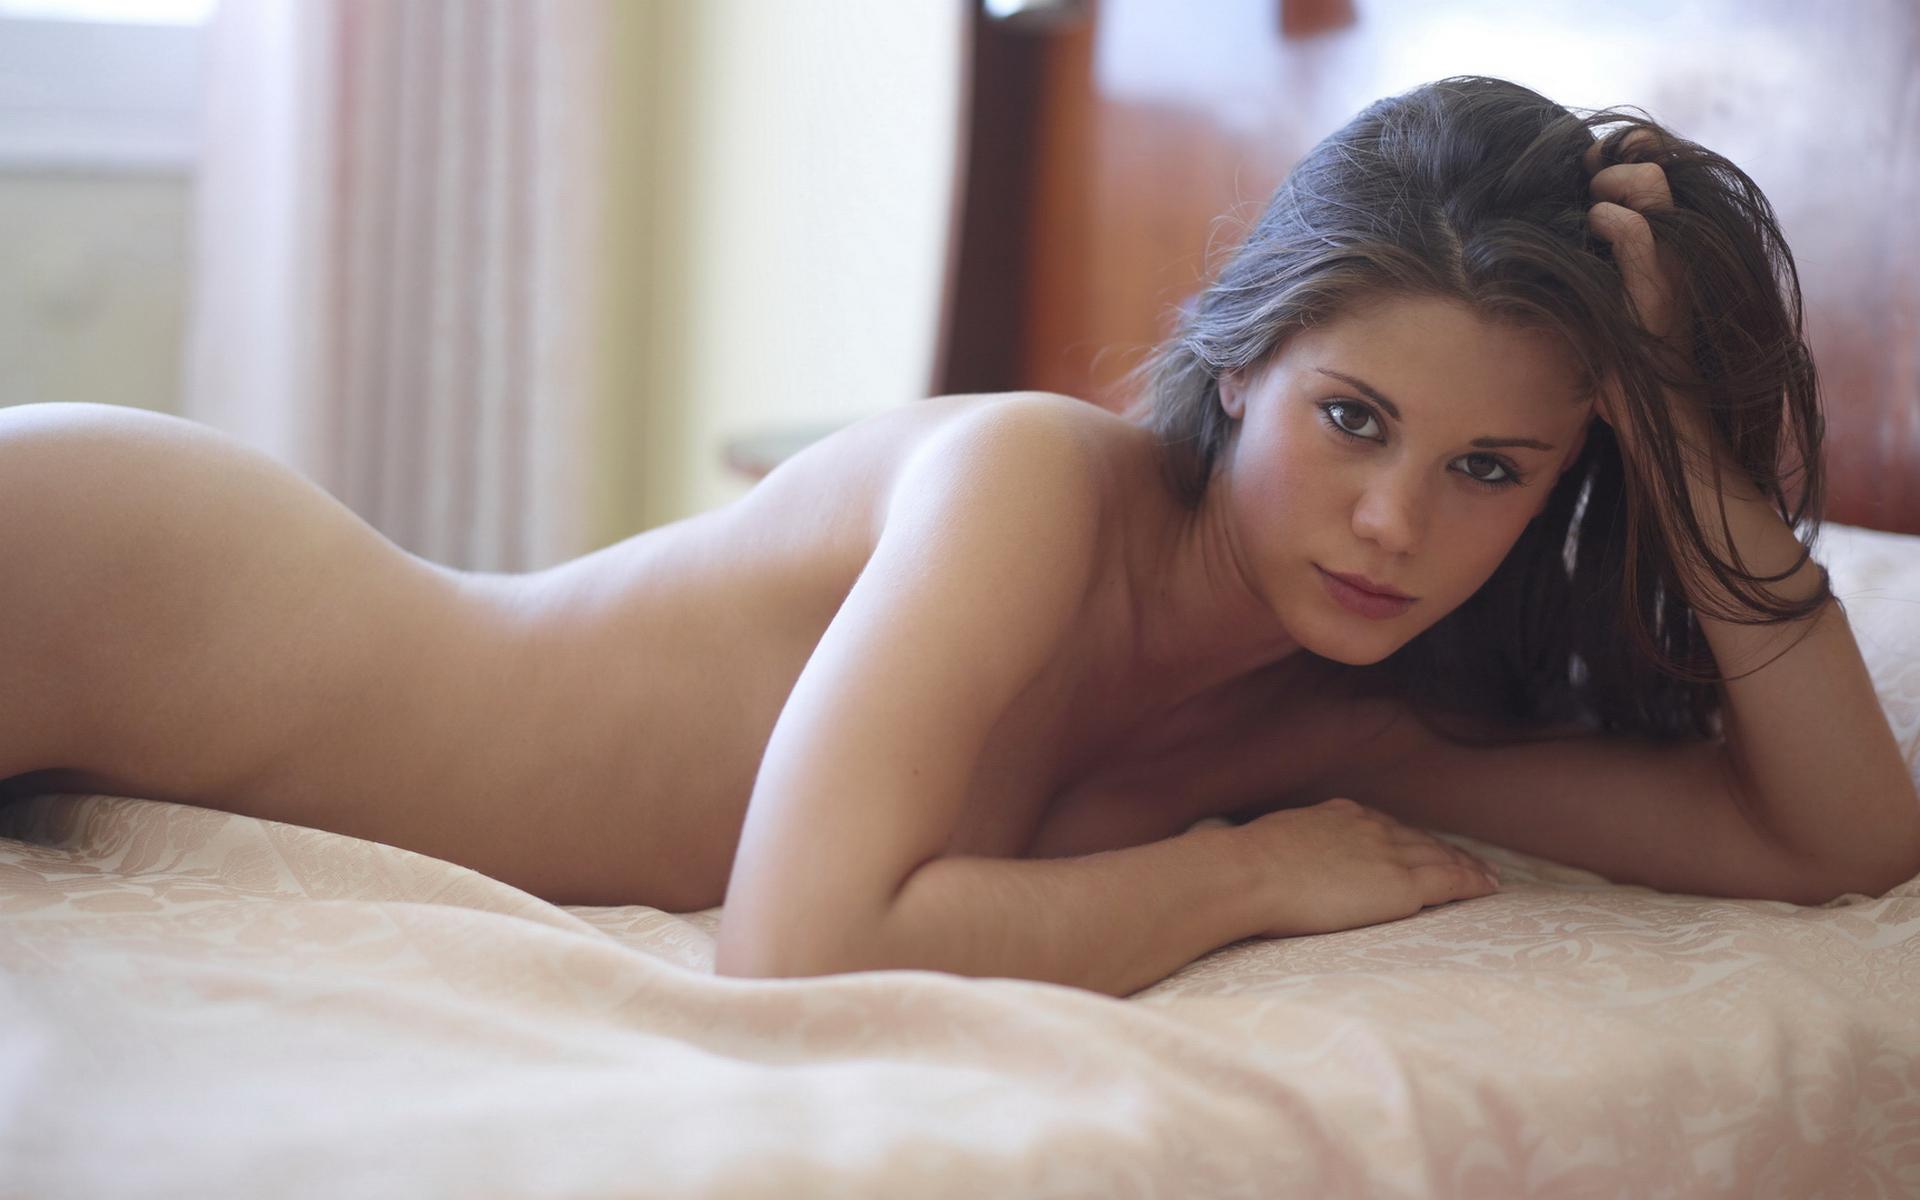 Upload erotic pictures